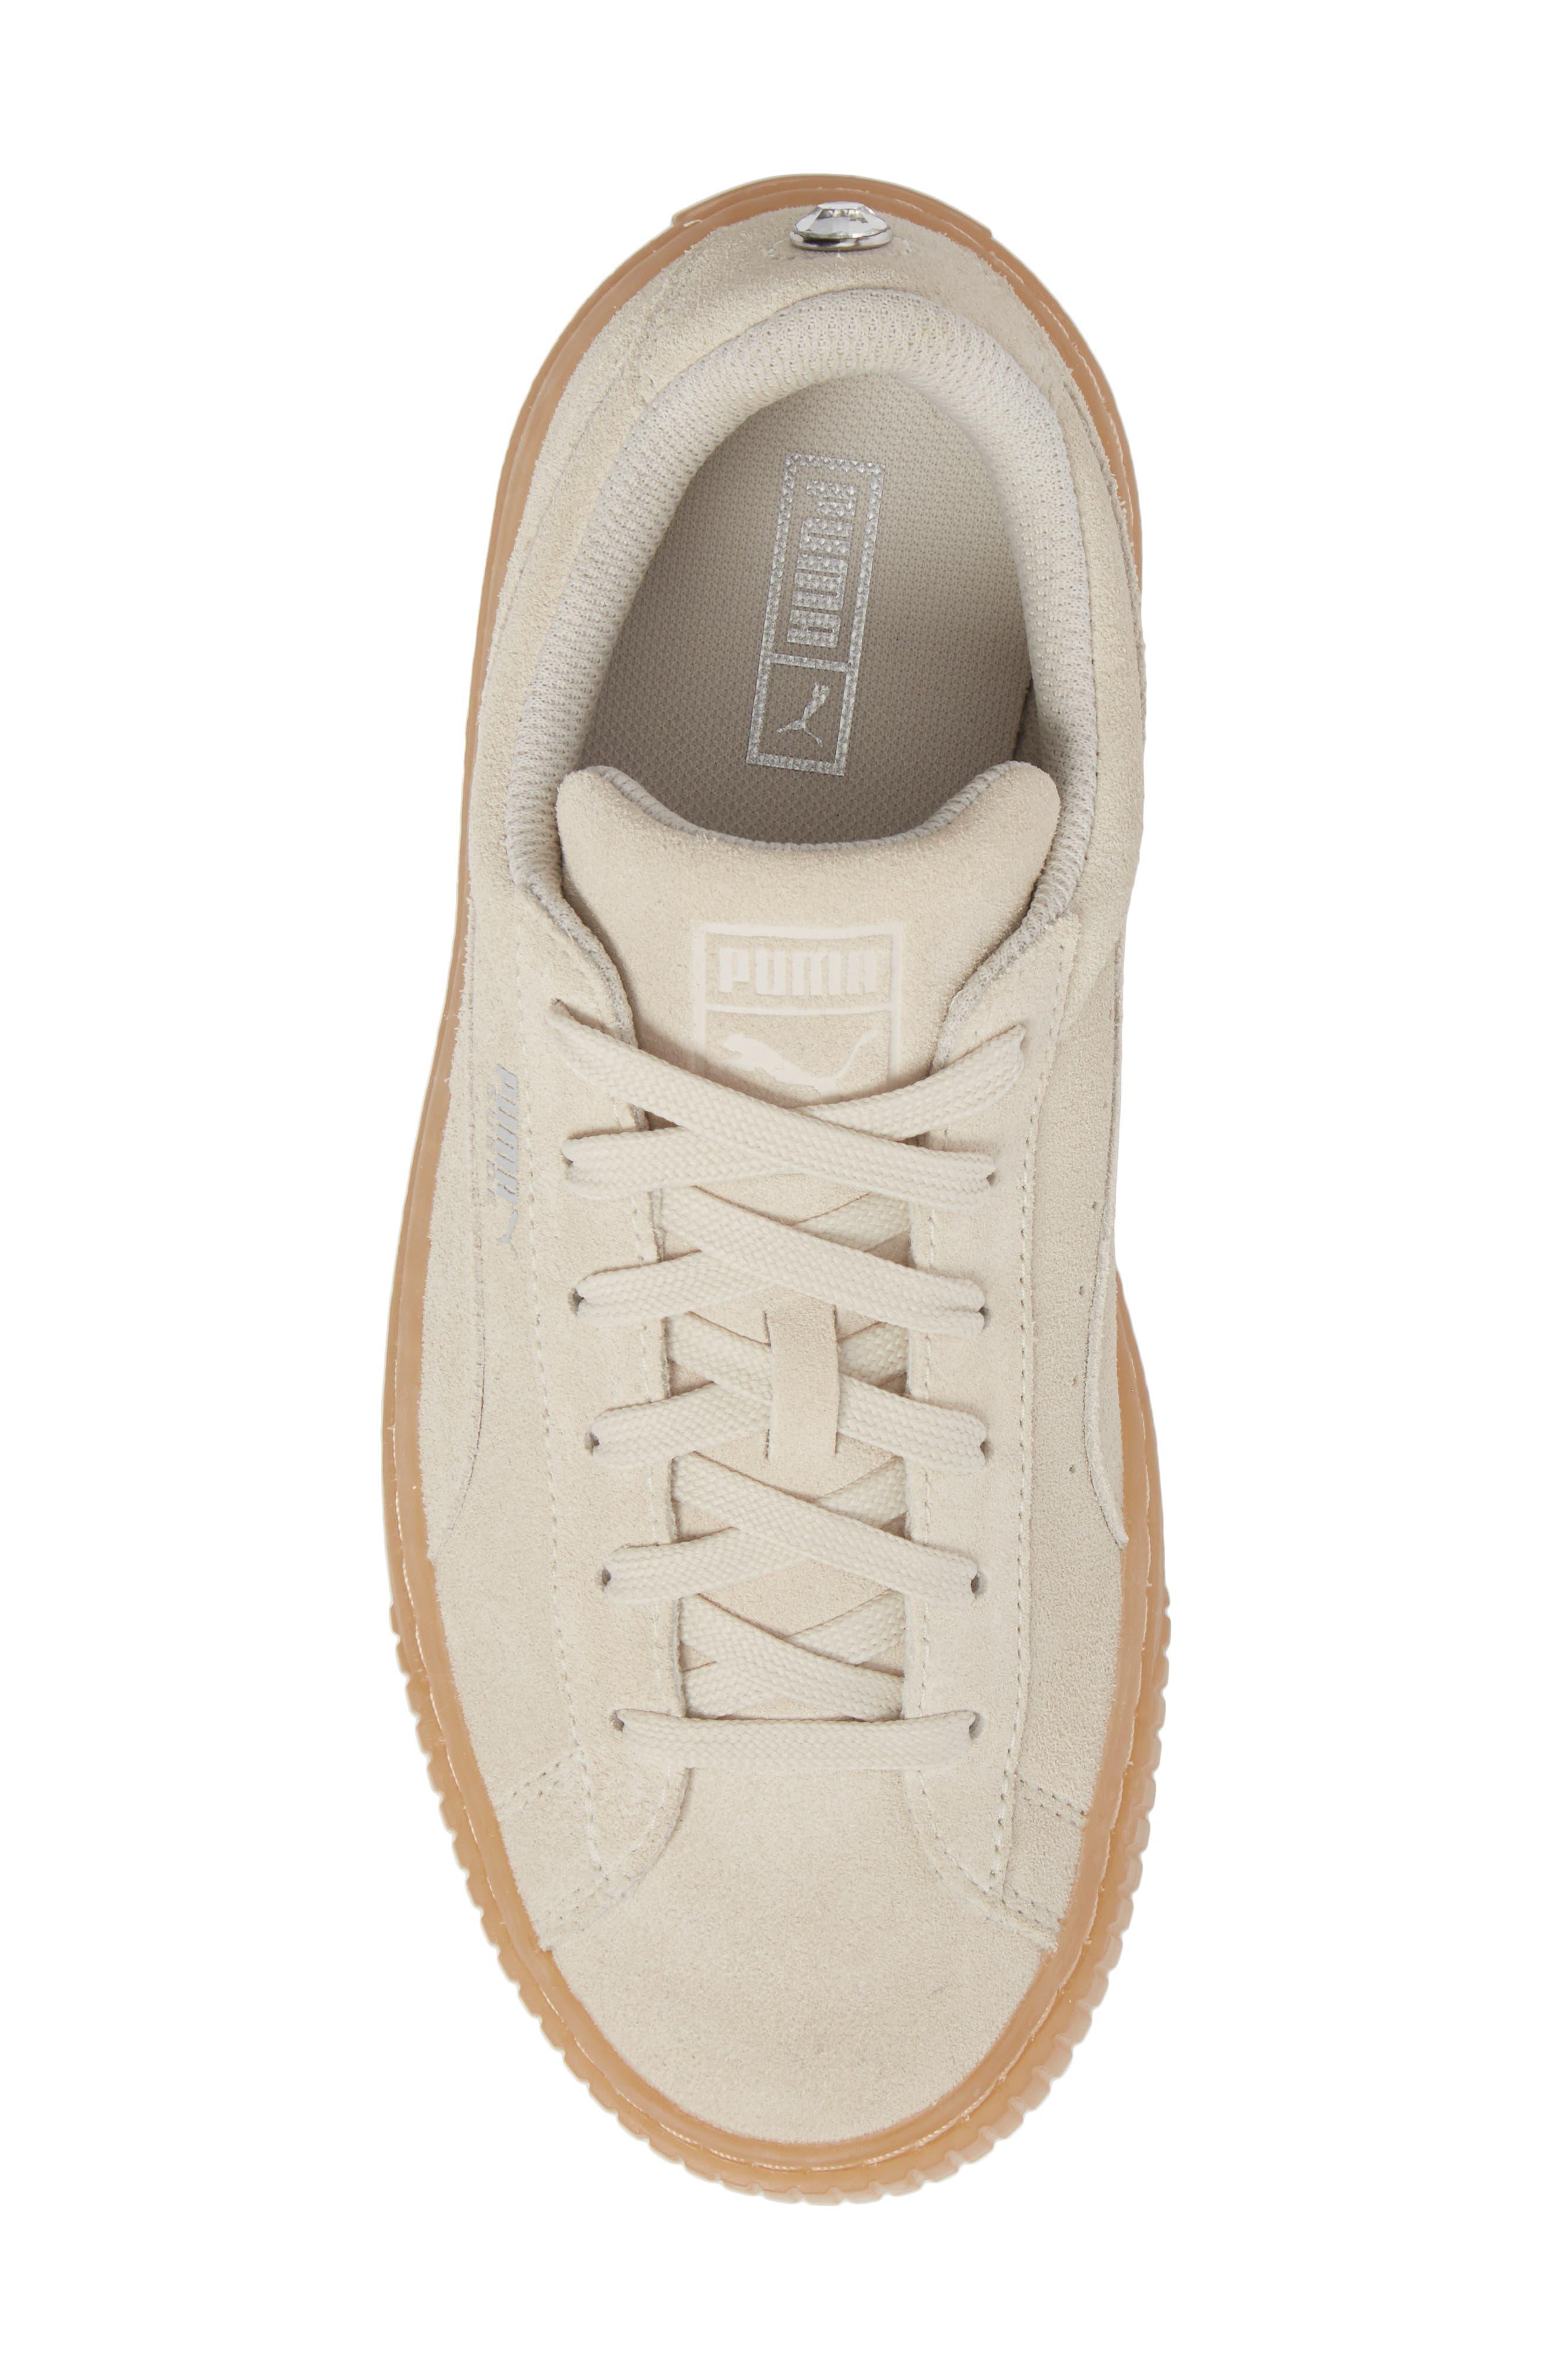 Jewel Suede Platform Sneaker,                             Alternate thumbnail 5, color,                             Whisper White/ Whisper White